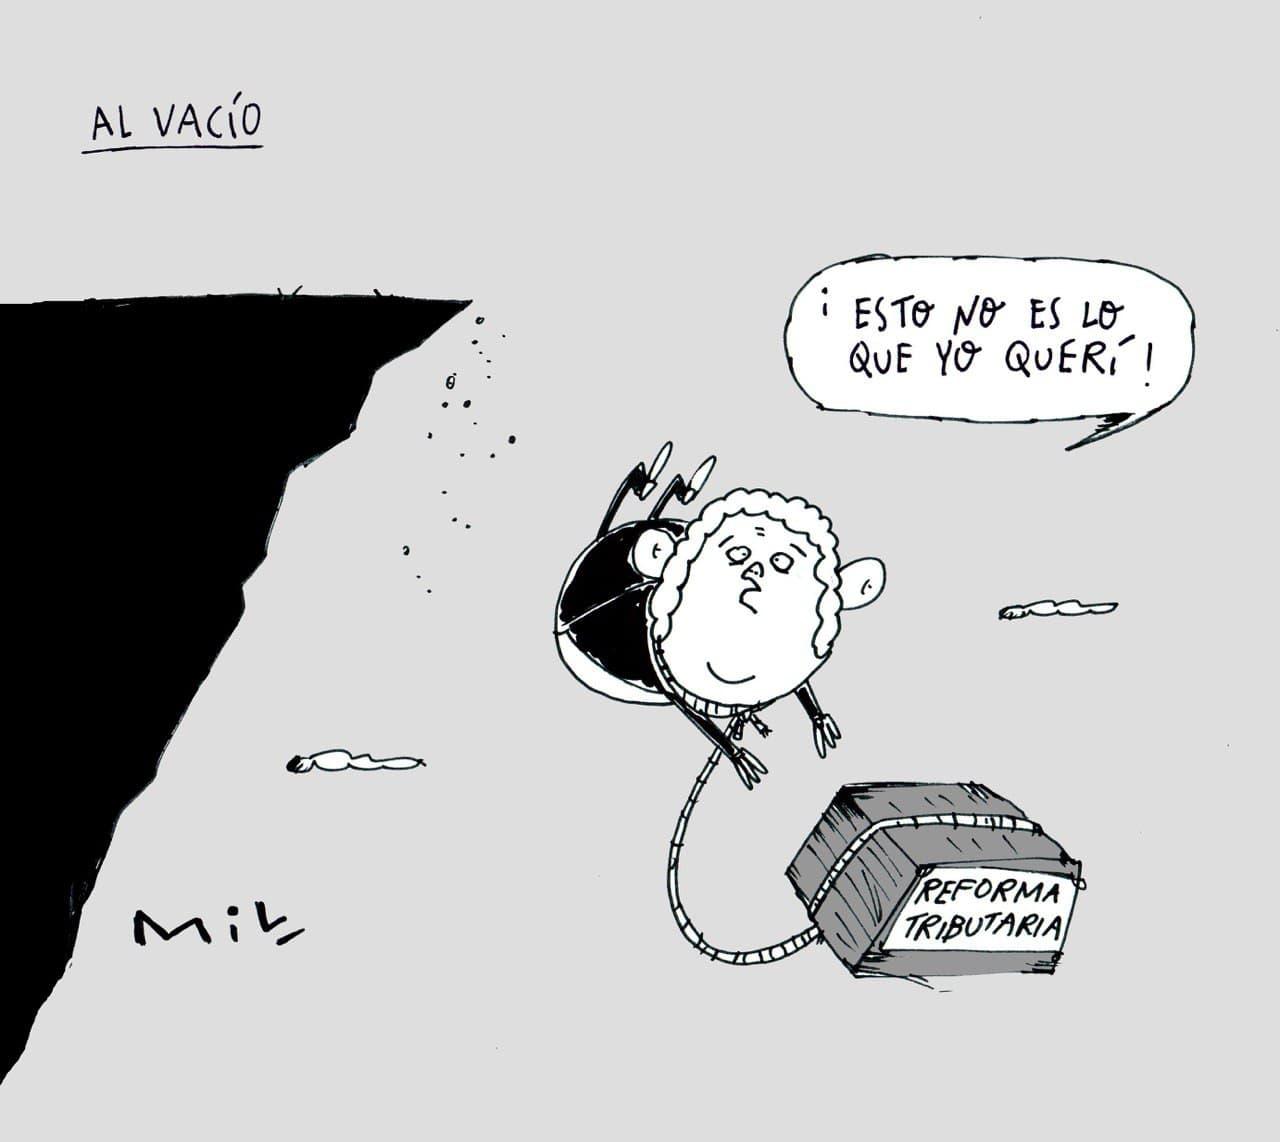 Al vacío - #Caricaturas7días 1